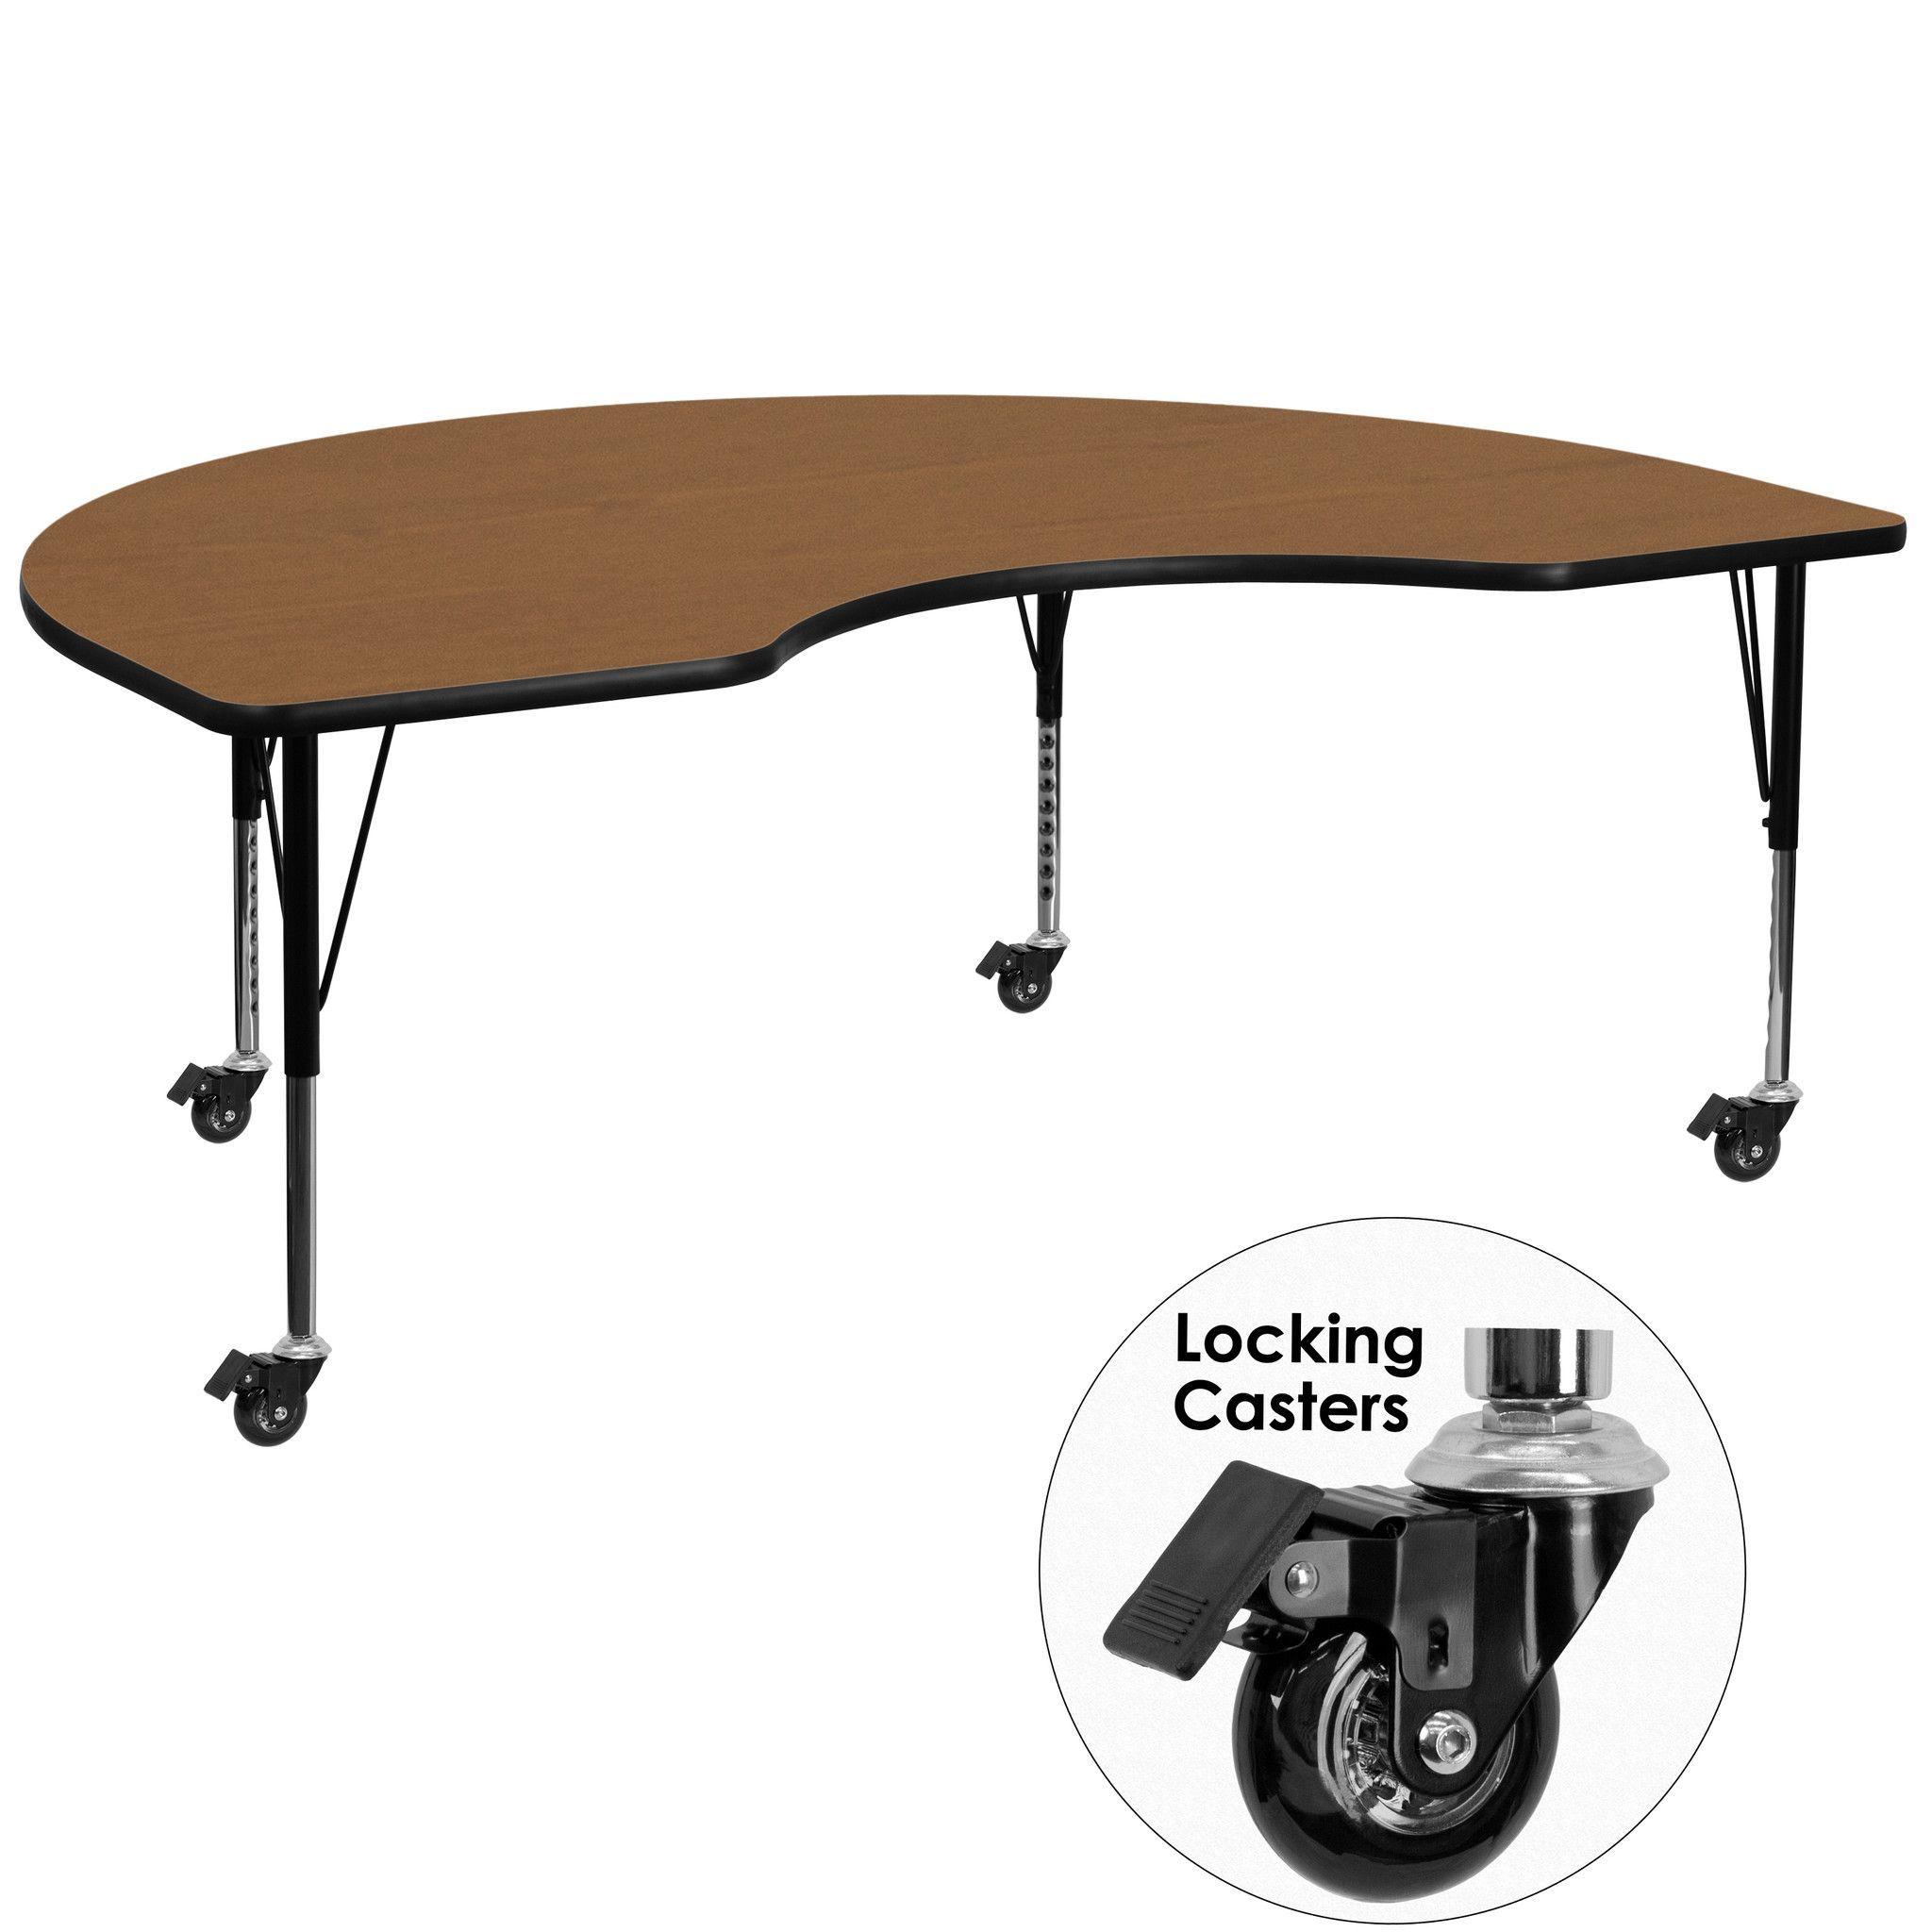 Oak preschool activity table XU-A4872-KIDNY-OAK-T-P-CAS-GG